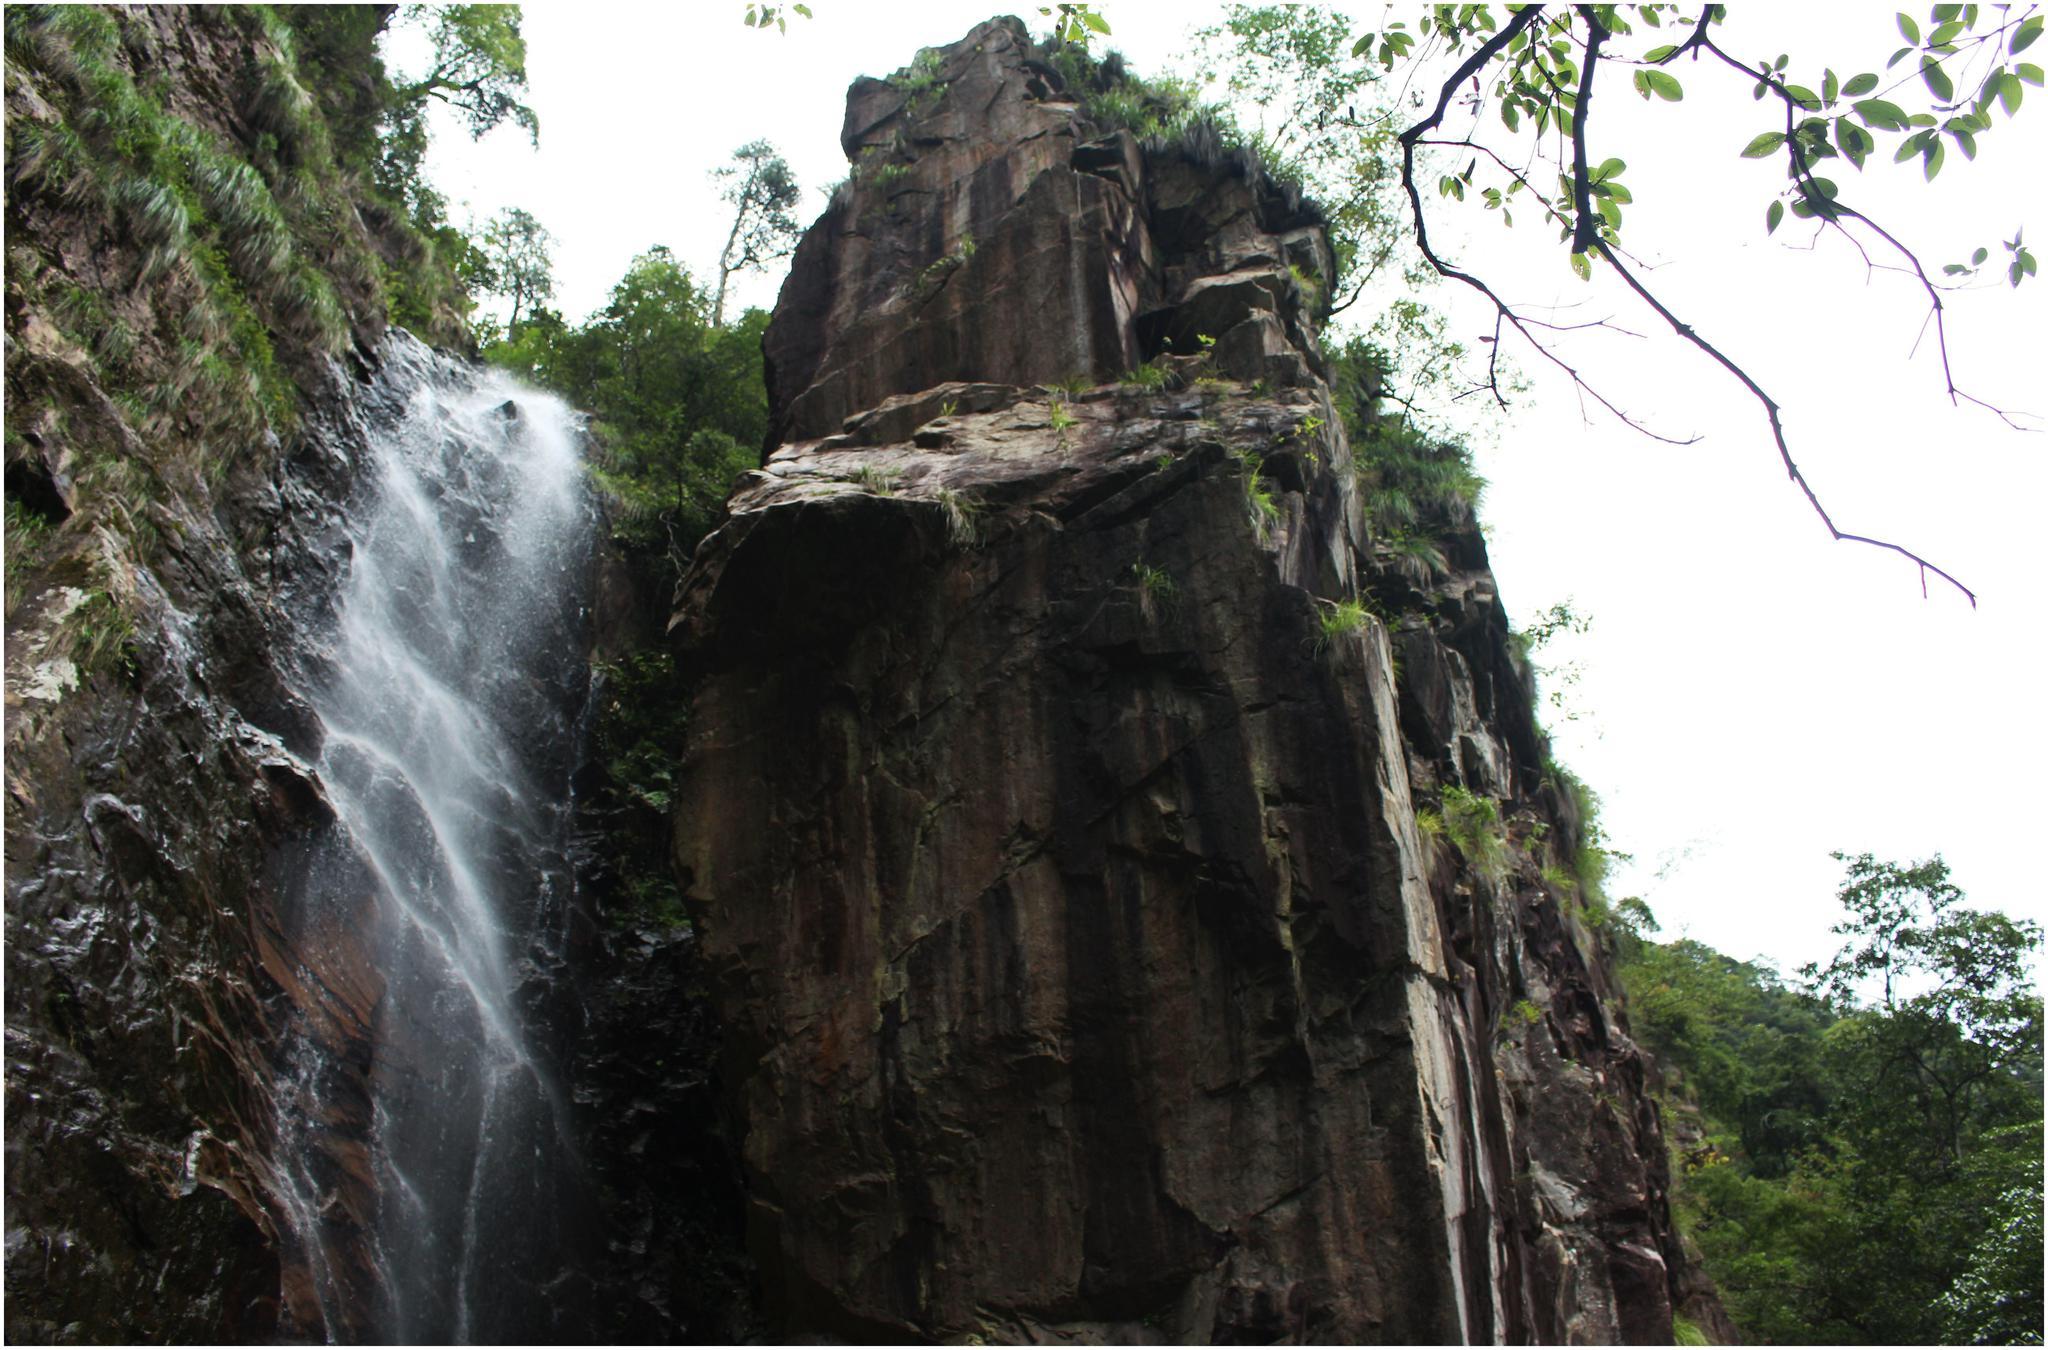 """藏于浙西山谷中的 """"神奇""""瀑布,见尾不见首,钱塘江从此起源"""